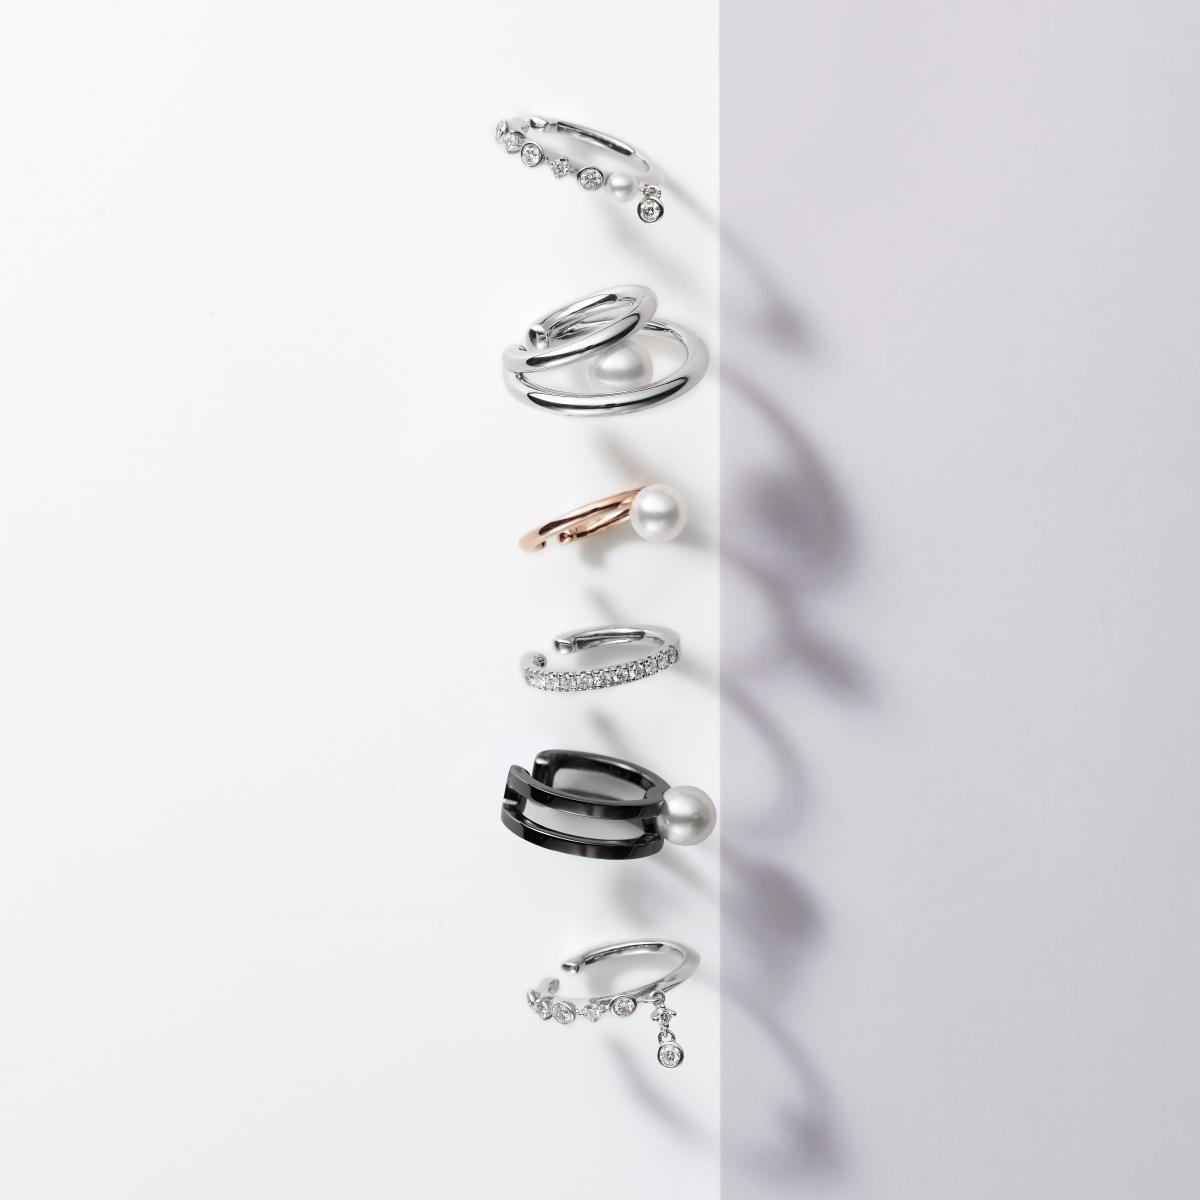 (上から)イヤーカフ〈WG、ダイアモンド、アコヤ真珠〉,137,500、〈シルバー、アコヤ真珠〉¥25,300、〈PG、アコヤ真珠〉¥60,500、〈WG、ダイアモンド〉¥132,000、〈シルバー ブラックロジウム加工、アコヤ真珠〉¥28,600、〈WG、ダイヤモンド〉¥143,000